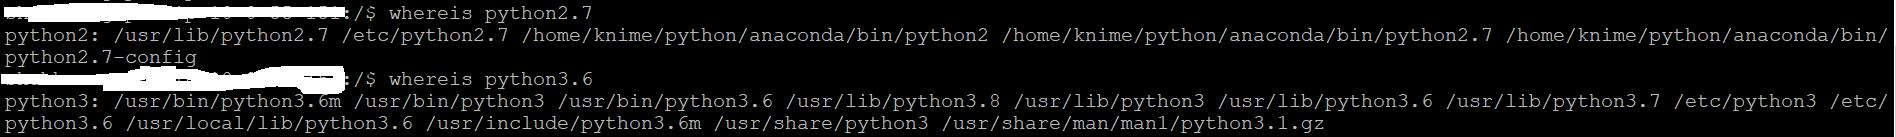 python-envs